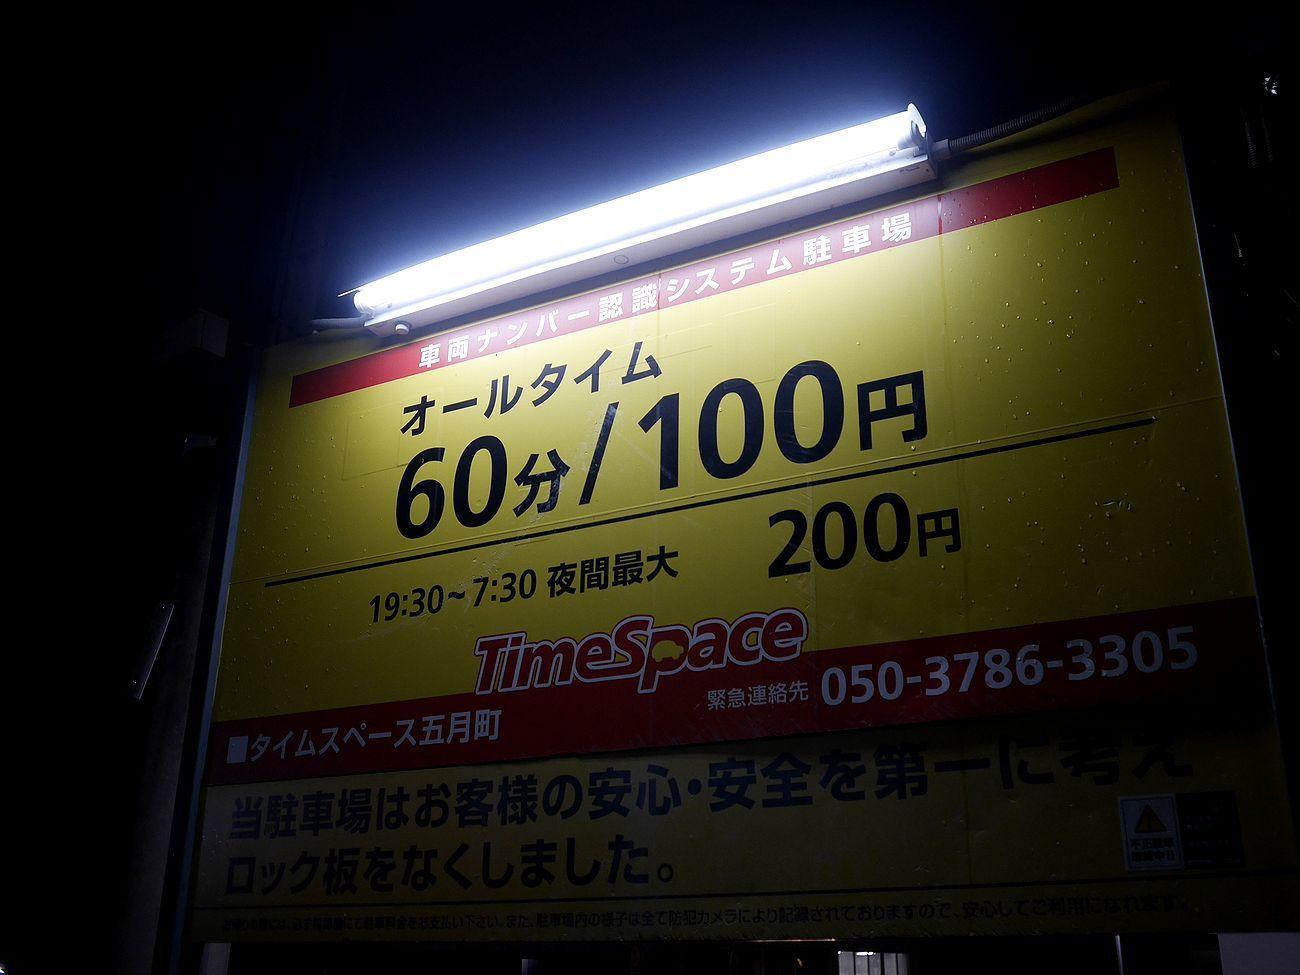 _1390018.jpg